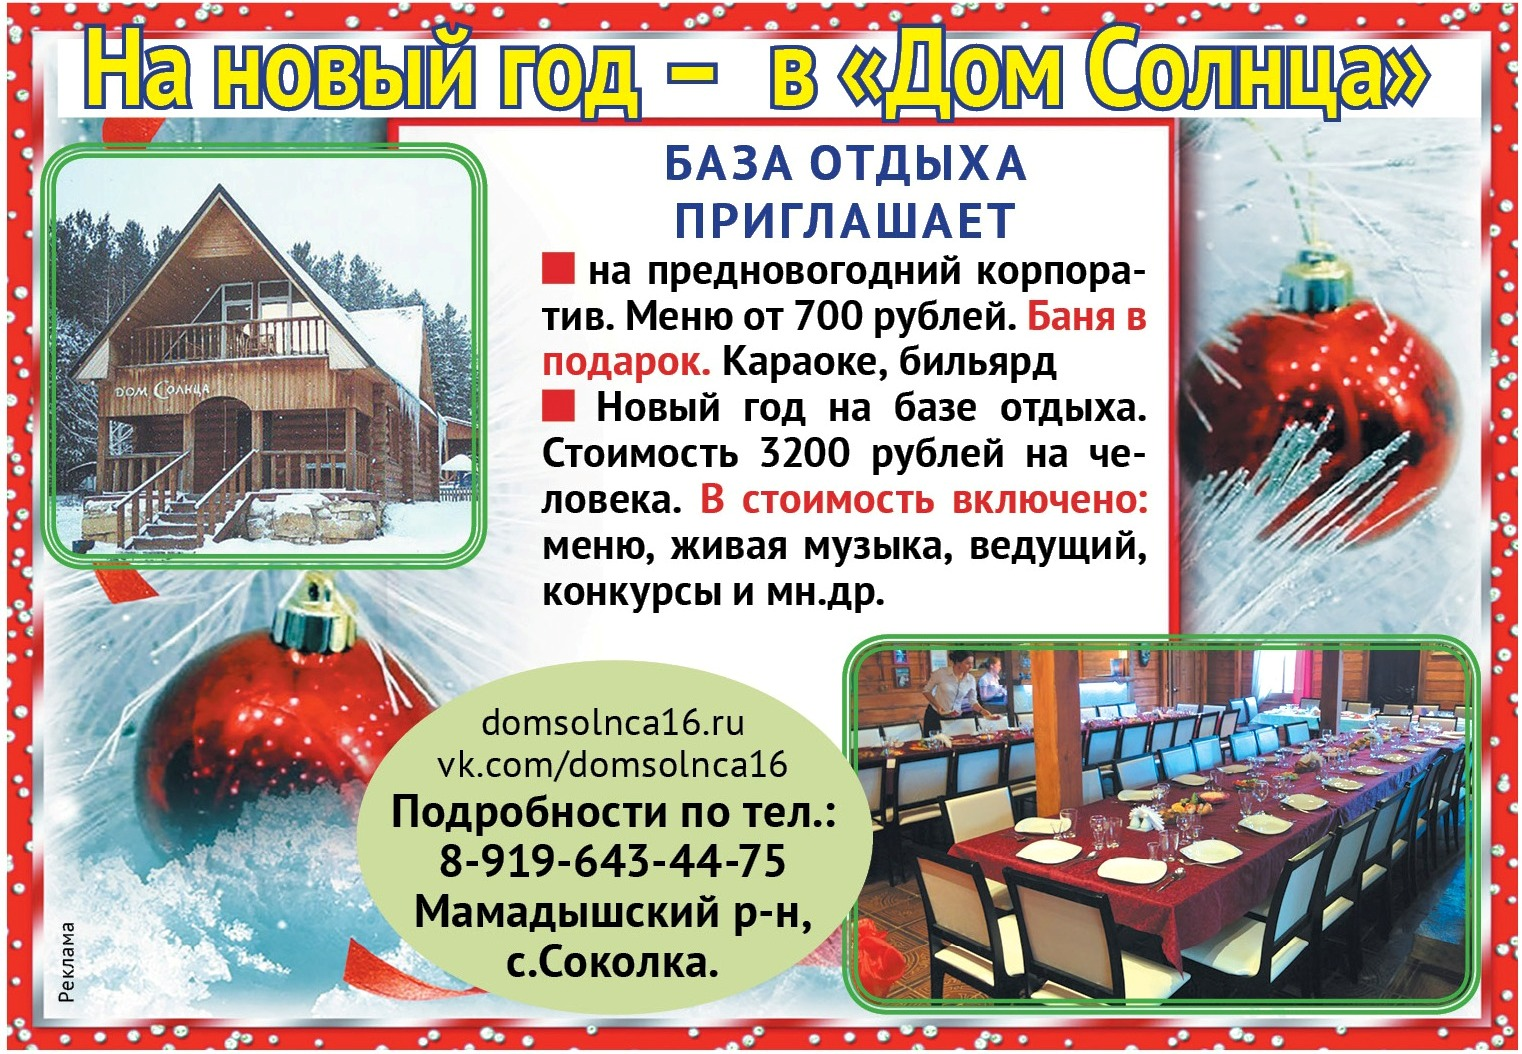 Новый год 2018 на базах отдыха в челябинской области